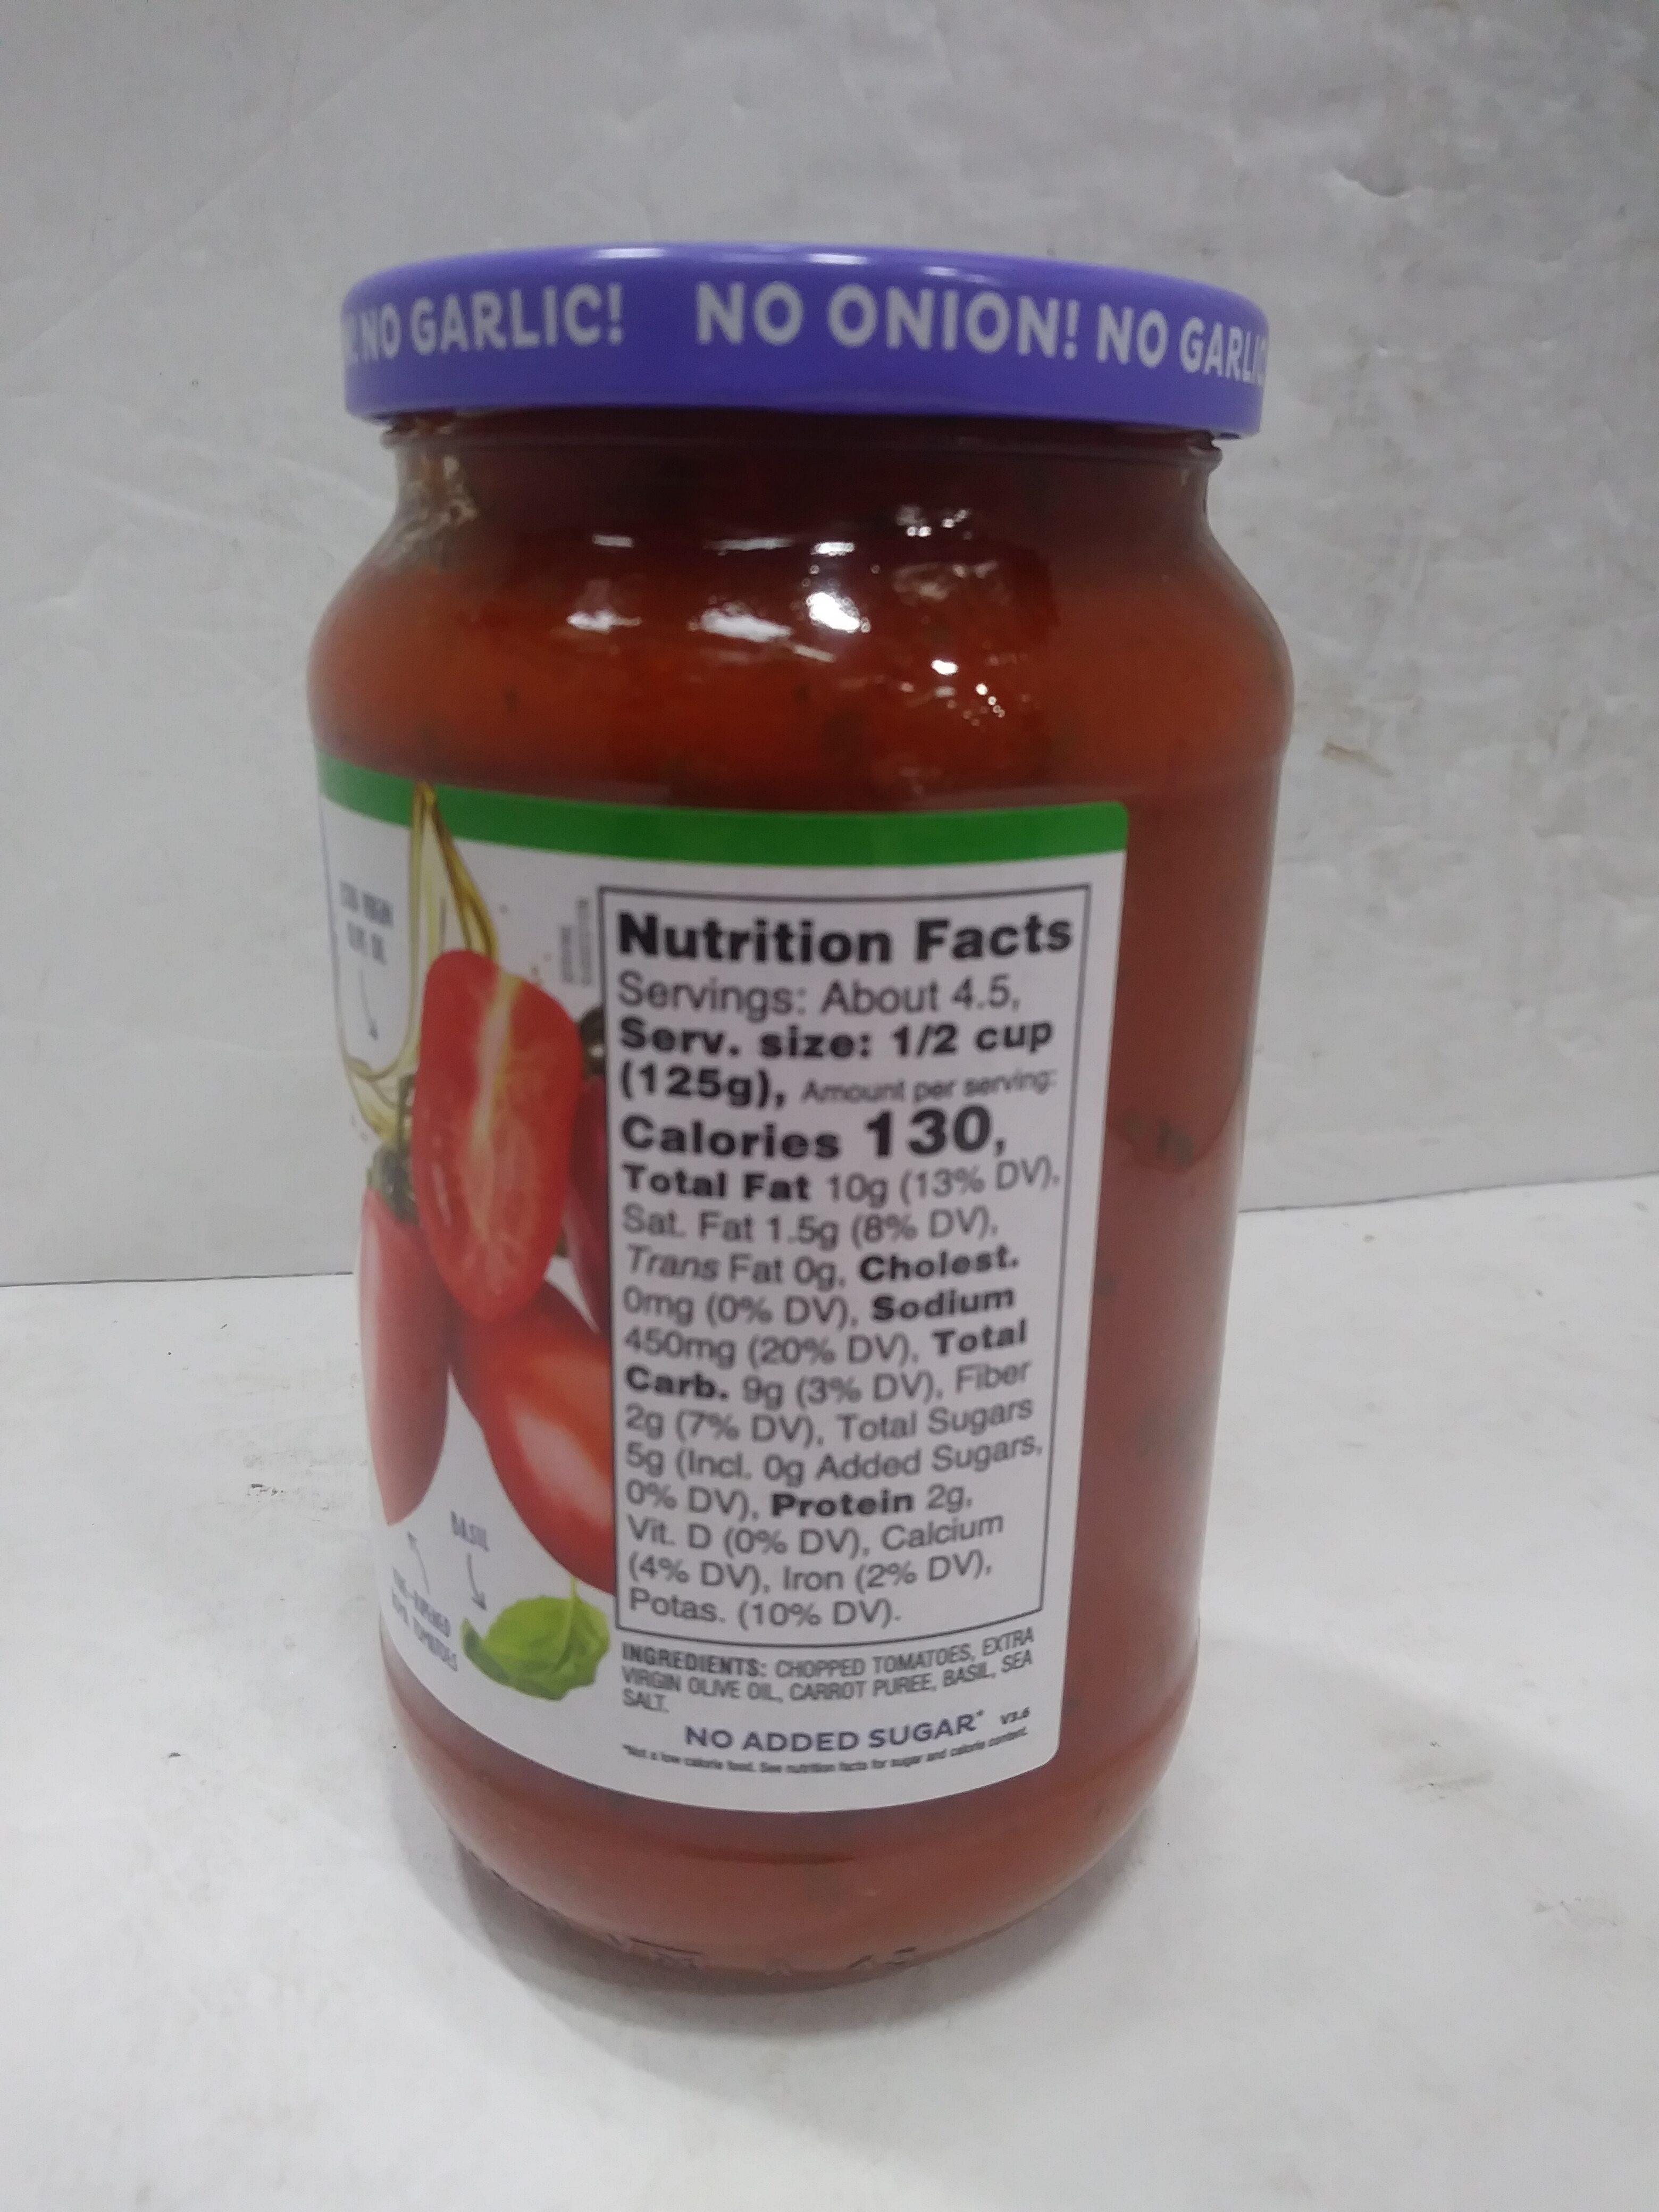 Tomato basil pasta sauce - Ingredienti - en